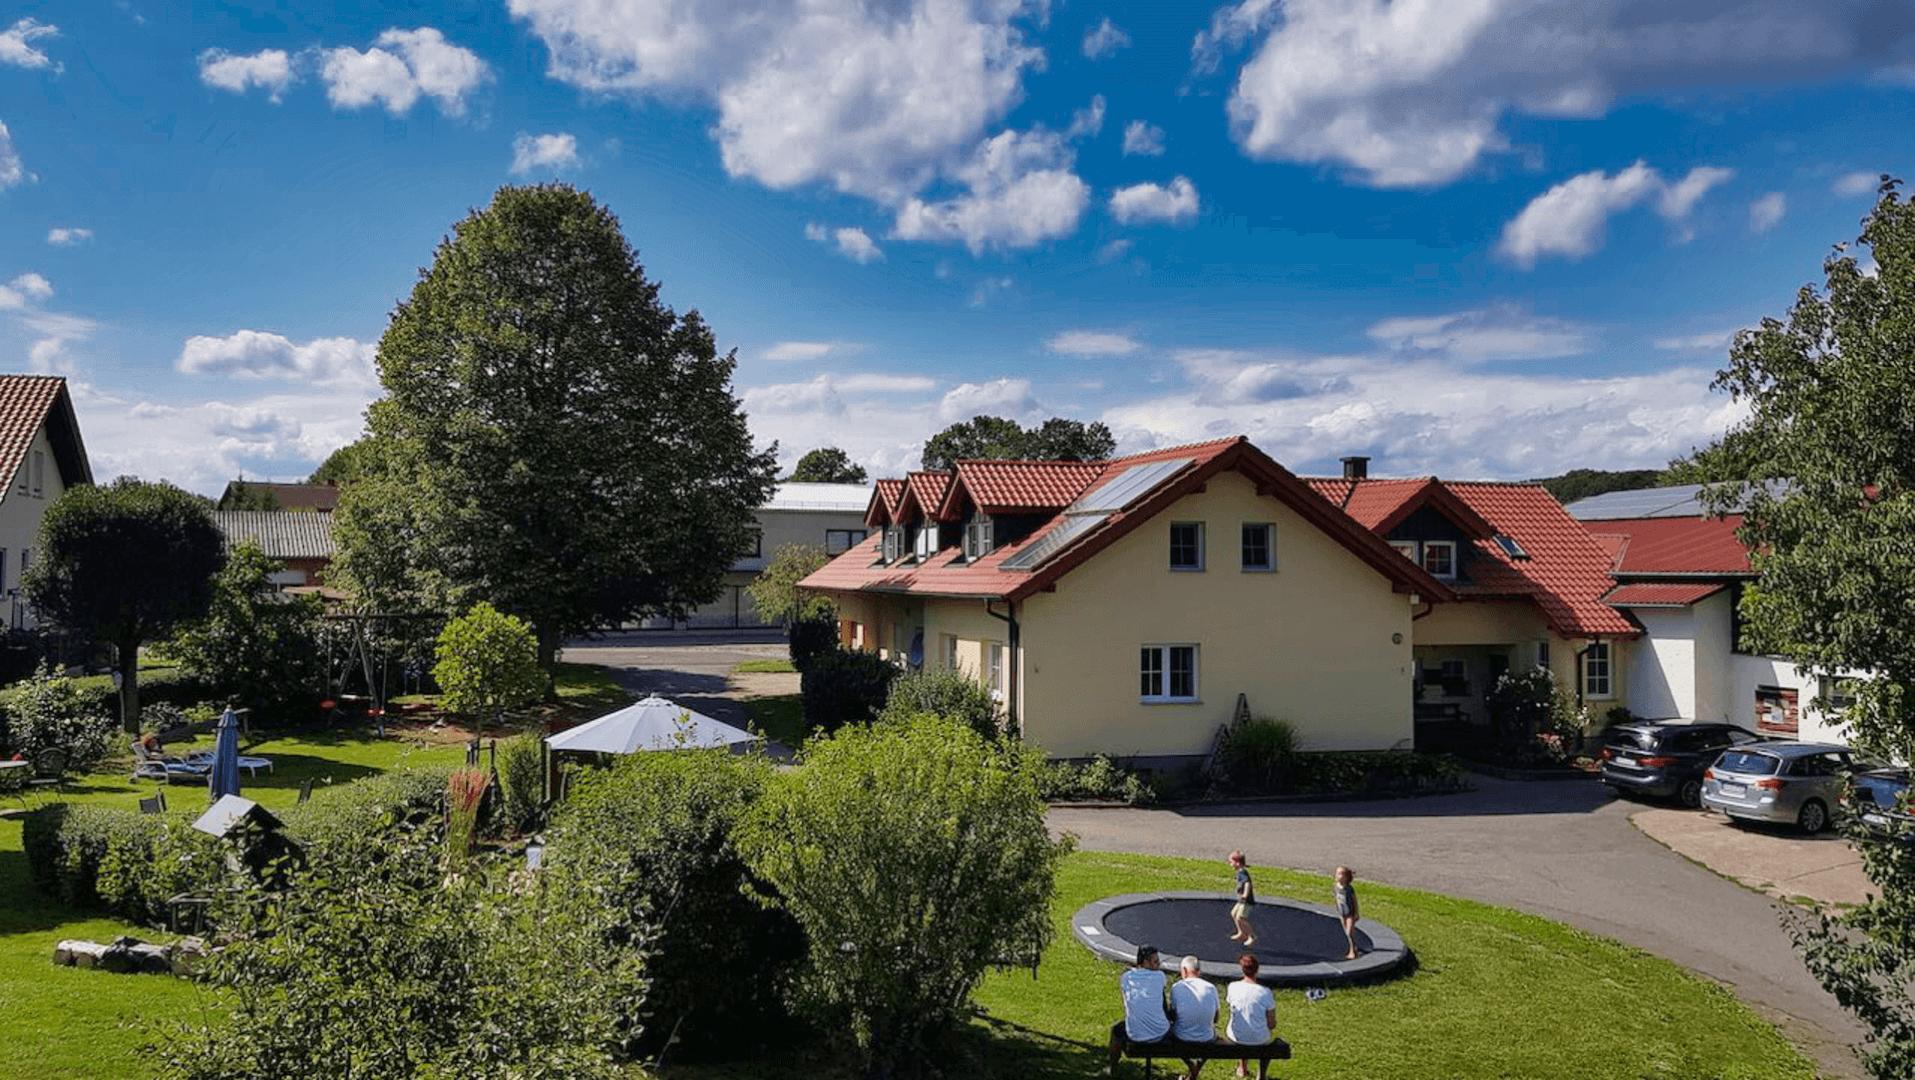 Ferienhof Sennert - Ferien auf dem Bauernhof